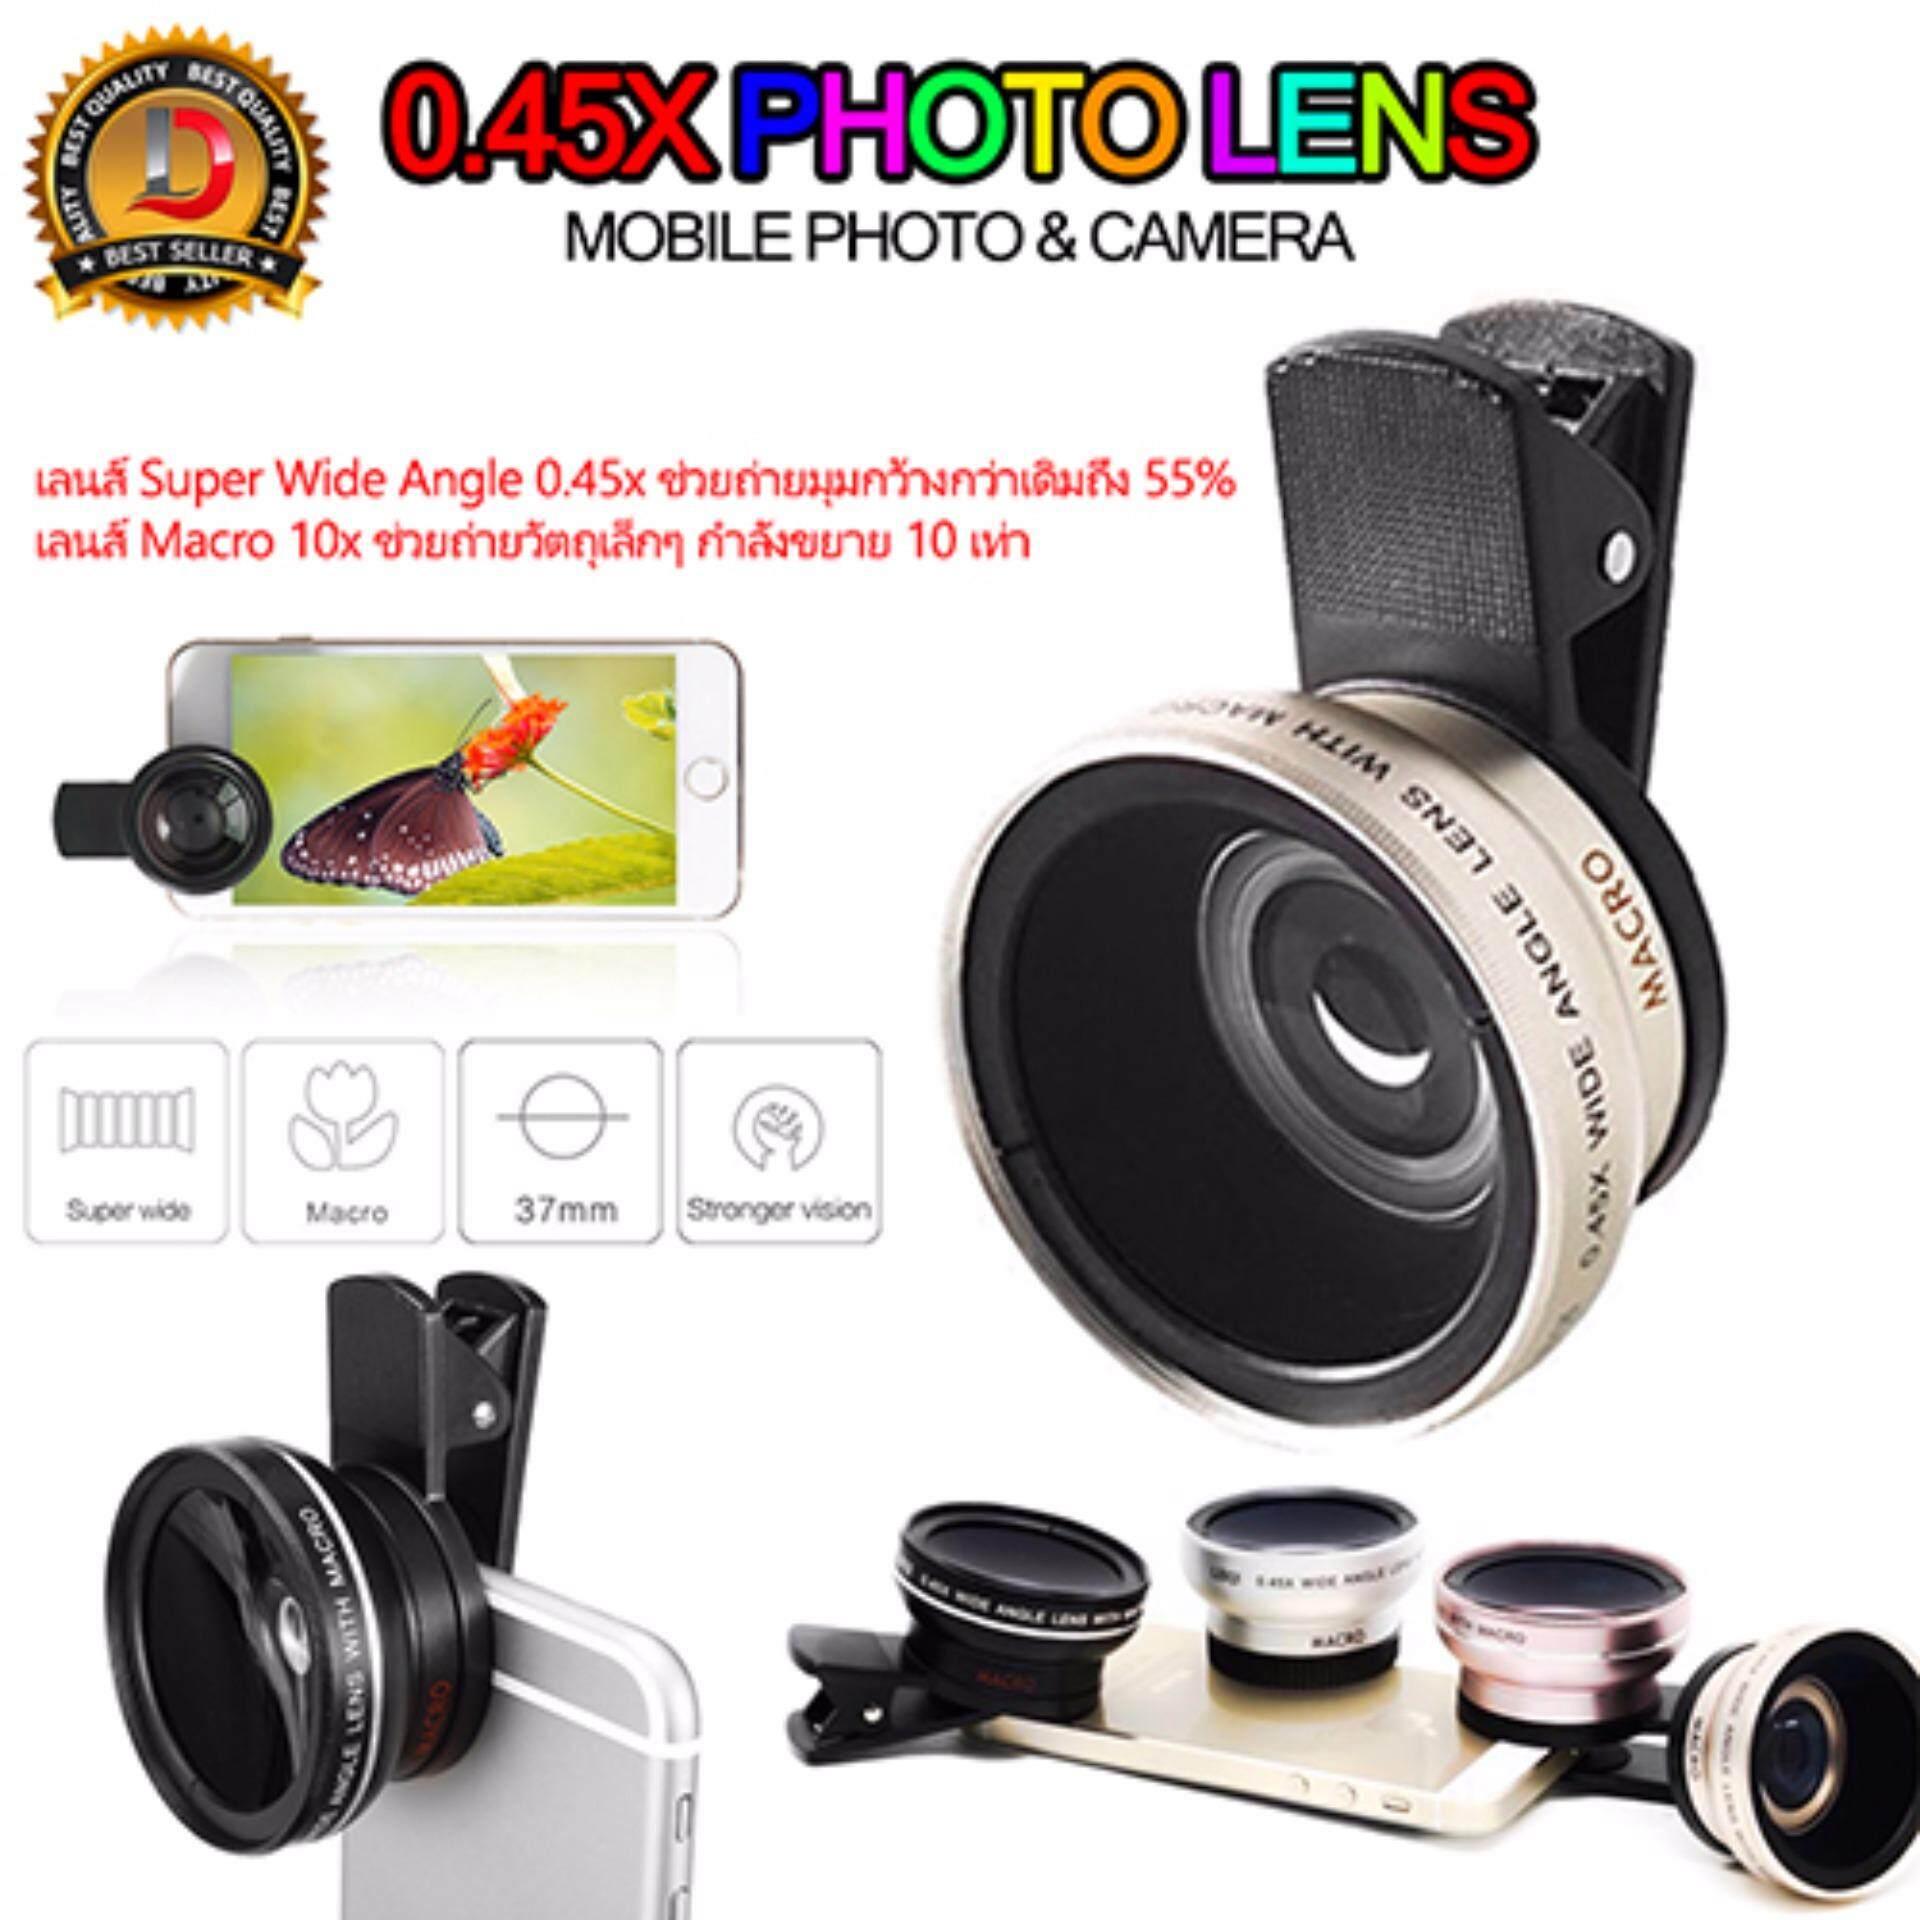 DT เลนส์ครอบกล้องมือถือ super Wide & Macro สำหรับถ่ายภาพ Selfy0.45X